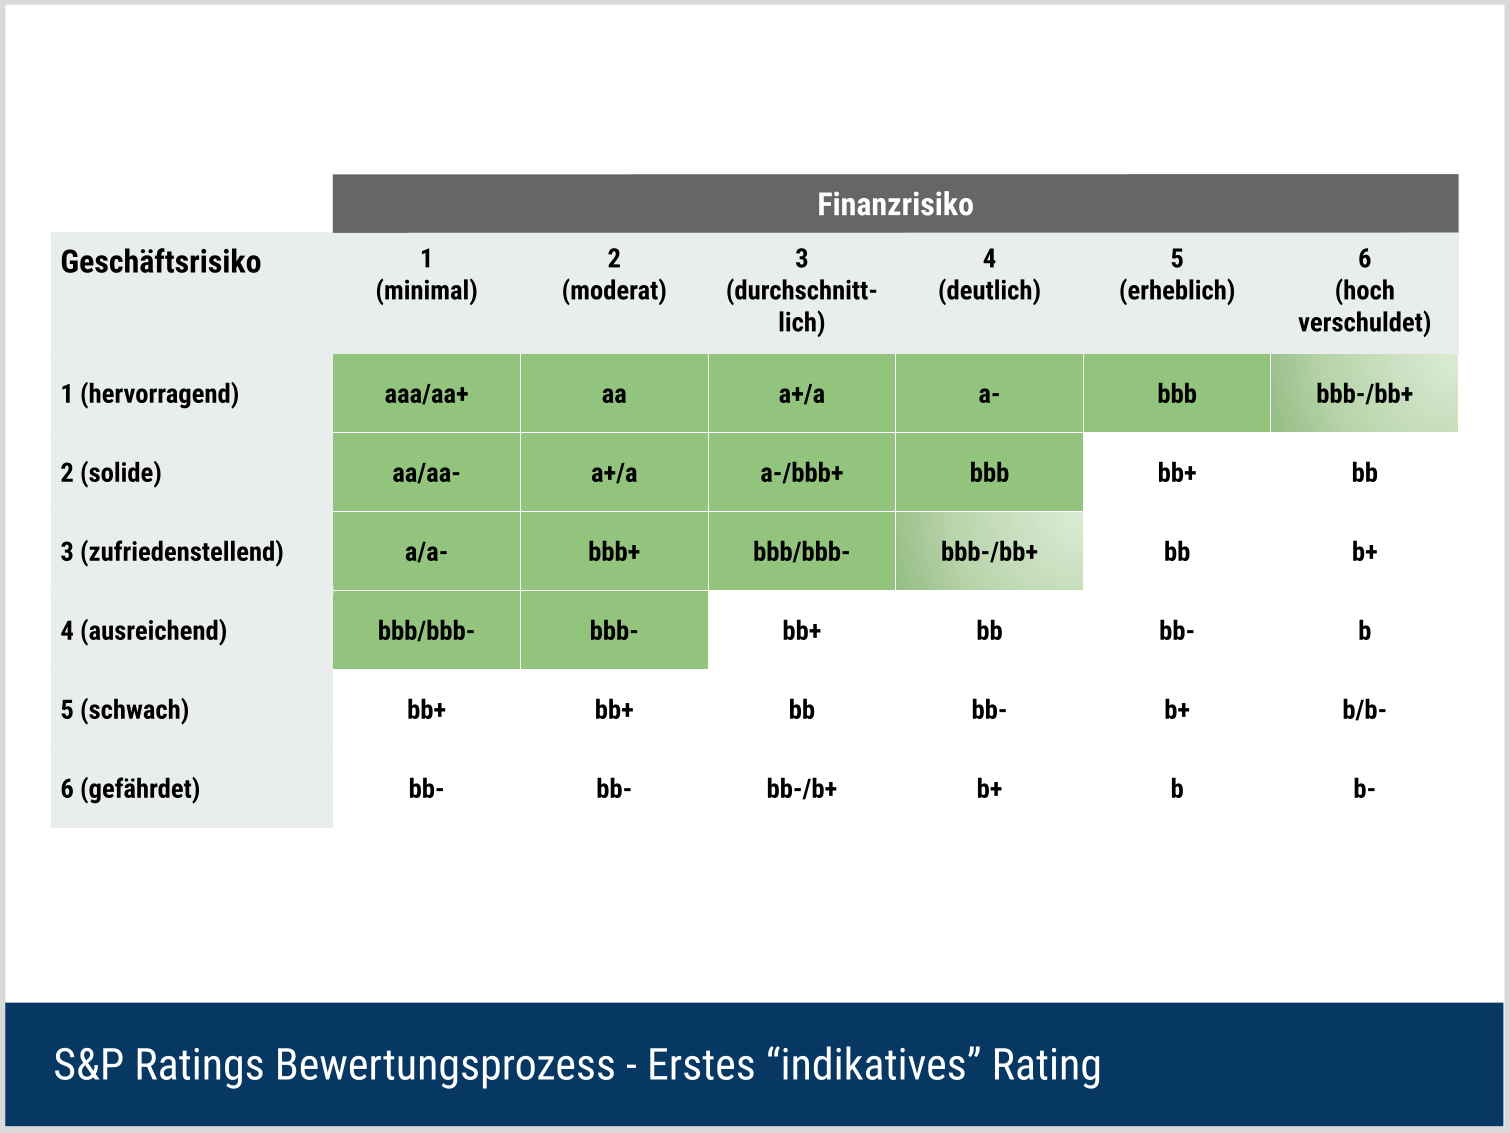 S&P Bewertungsverfahren - Erstes Rating